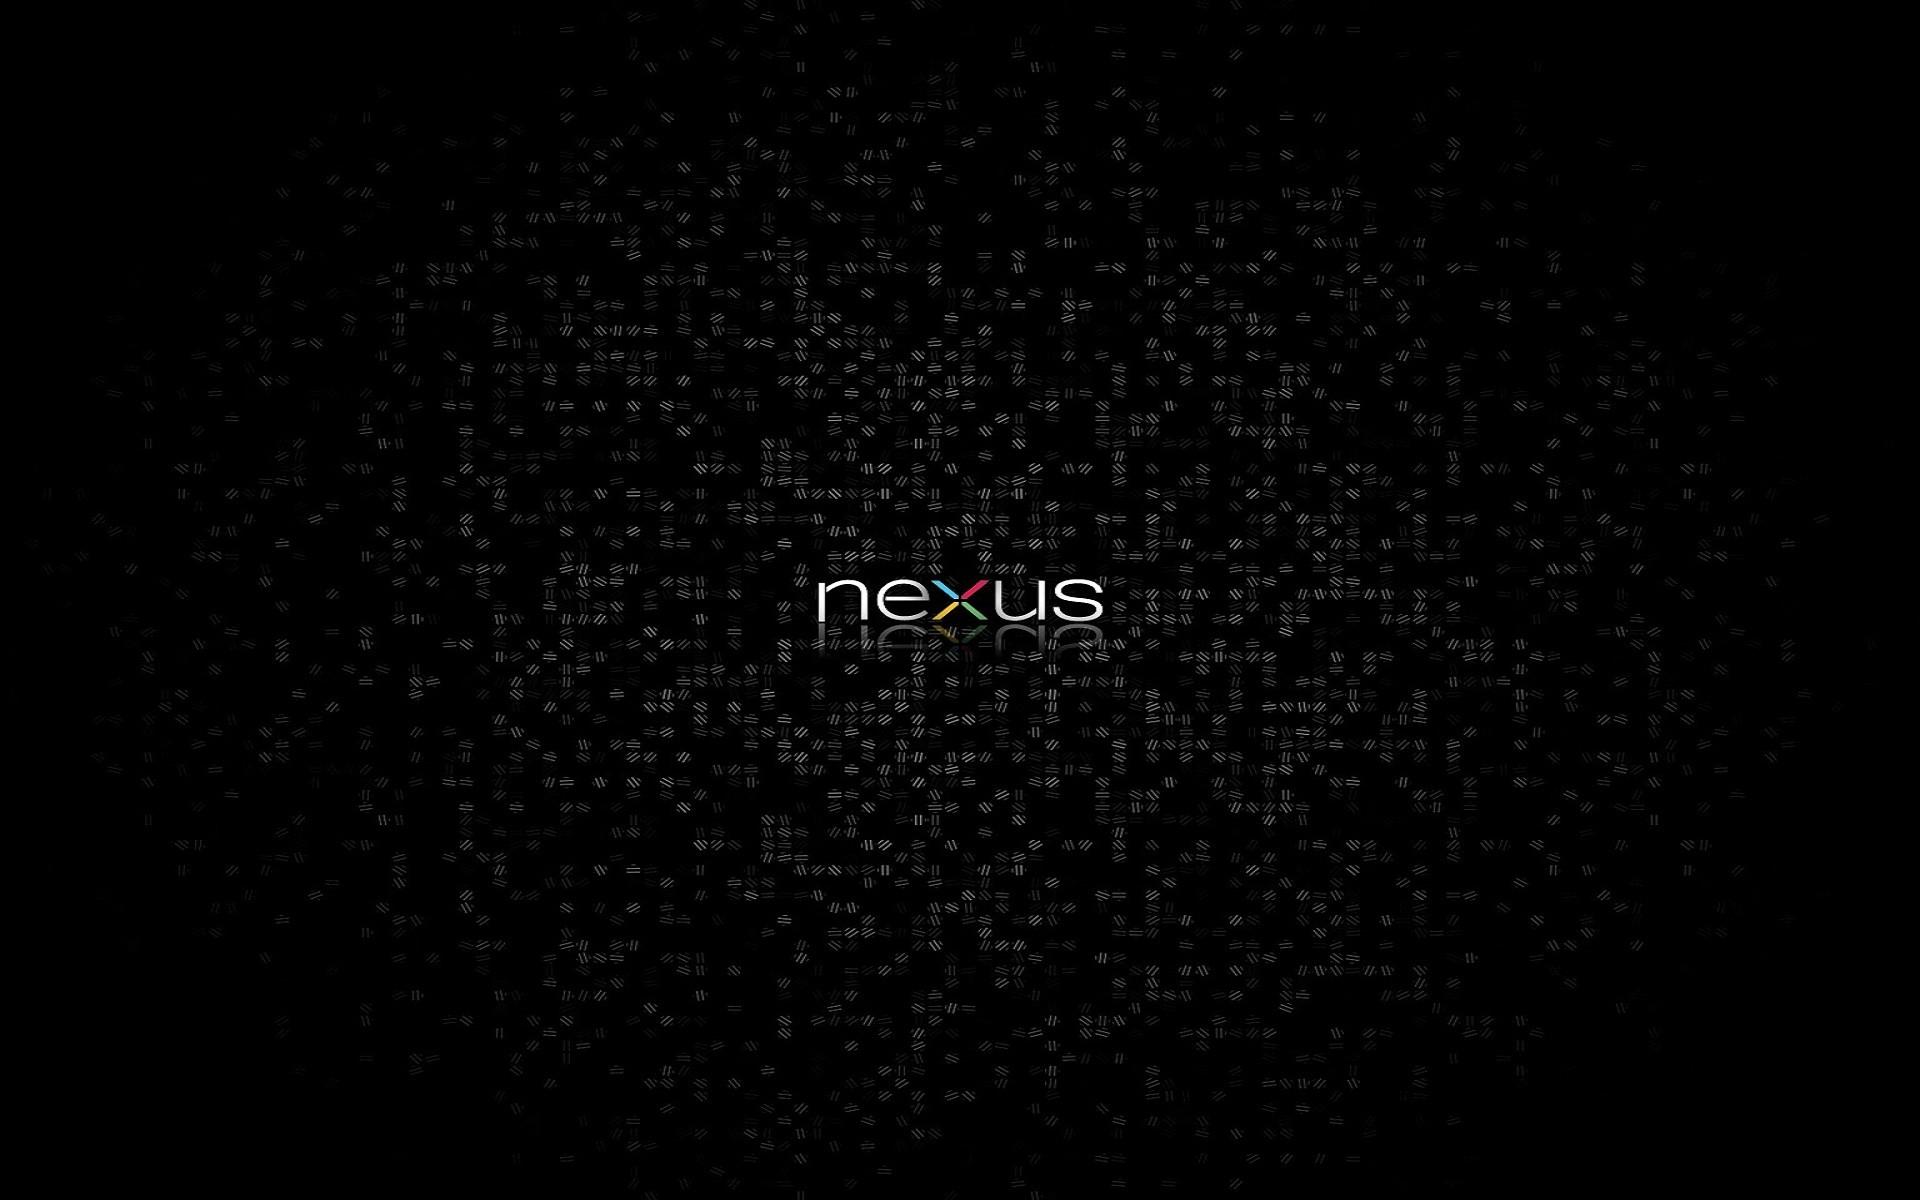 nexus desktop backgrounds 183��